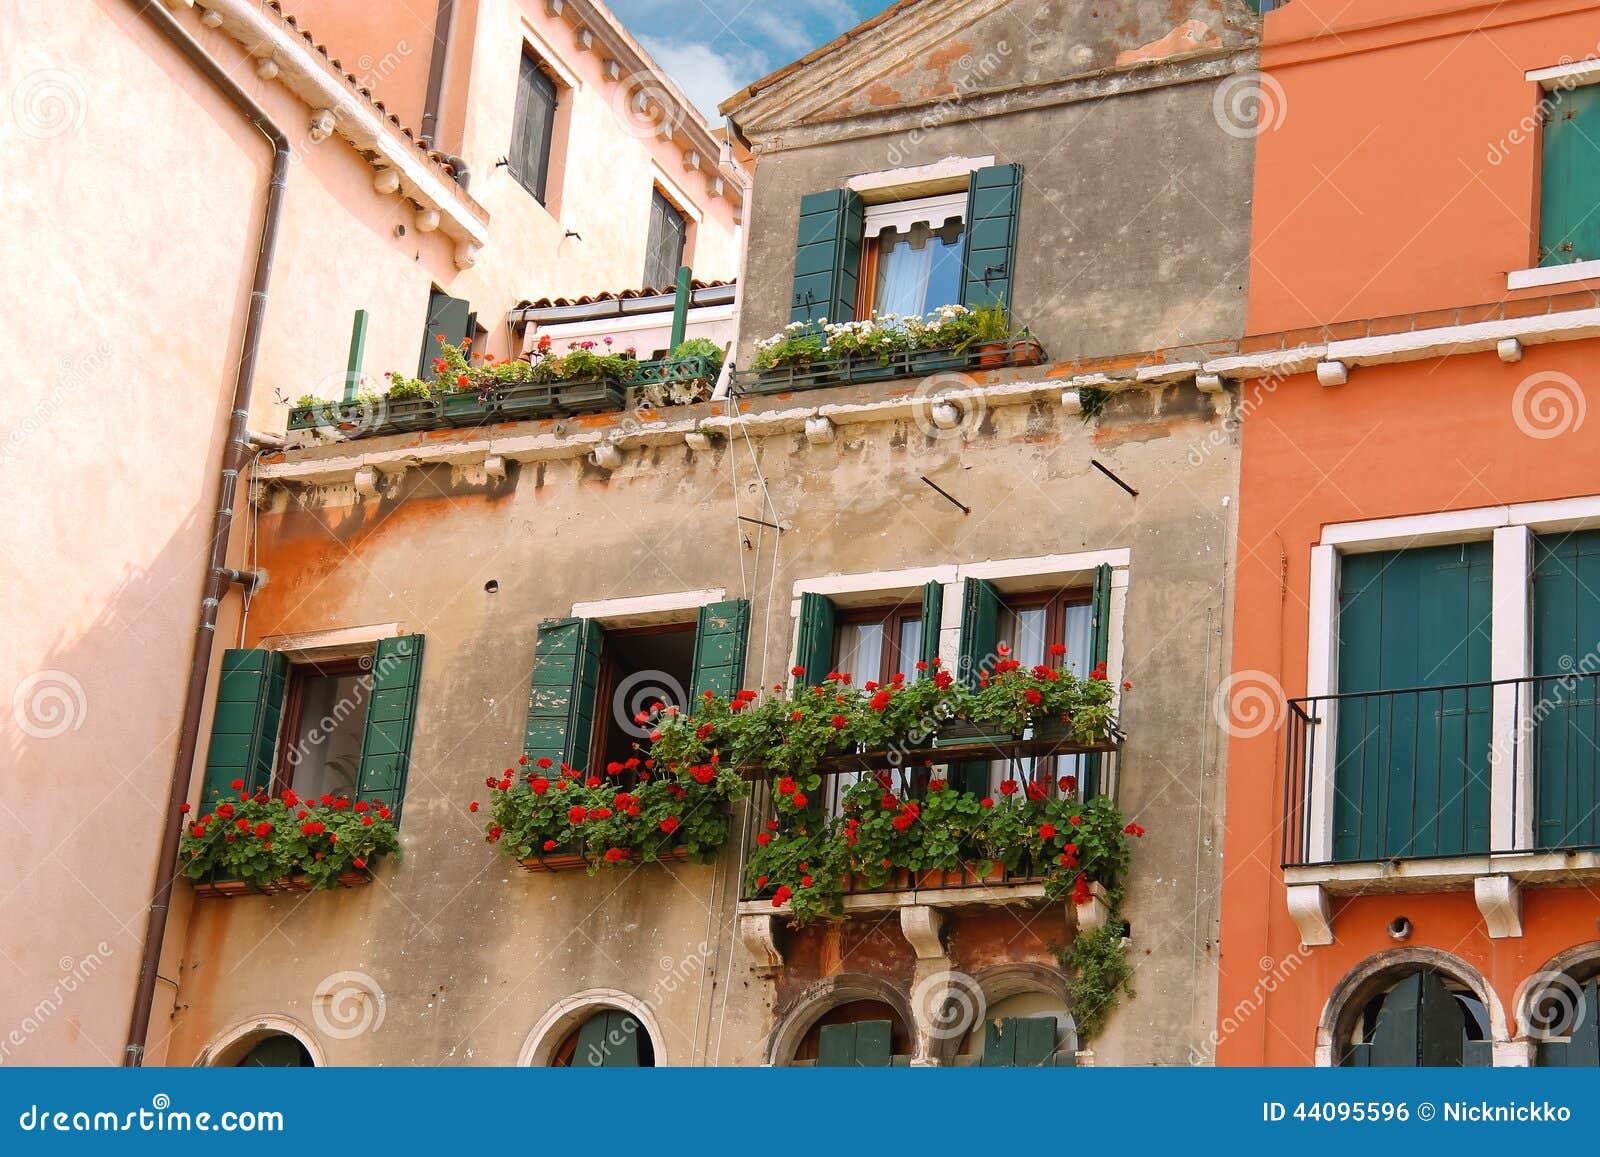 Casa italiana pittoresca con i fiori sui balconi for Casa italiana